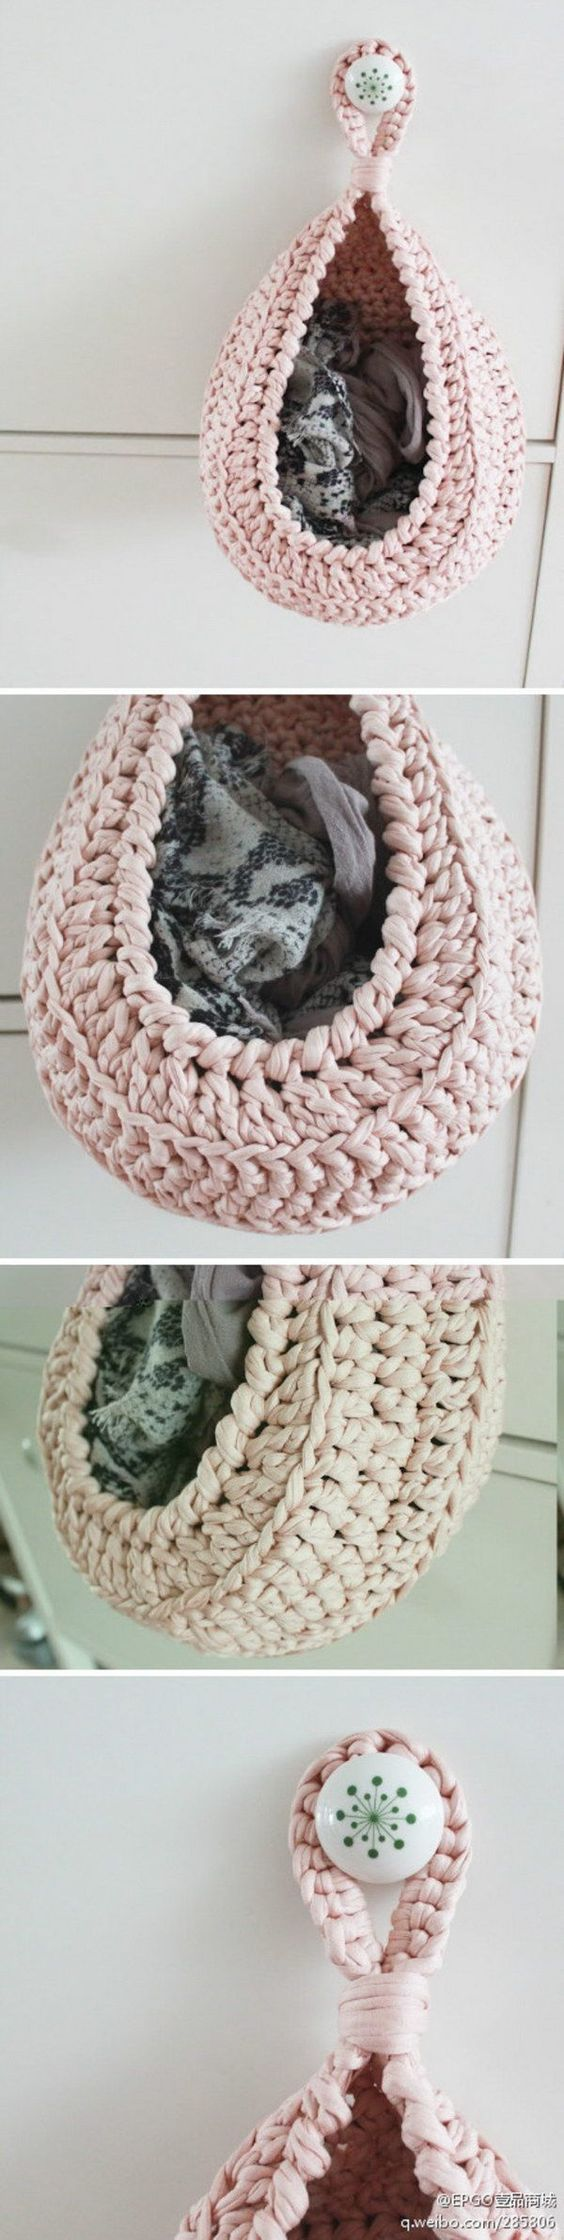 Best 25+ Crochet towel holders ideas on Pinterest ...